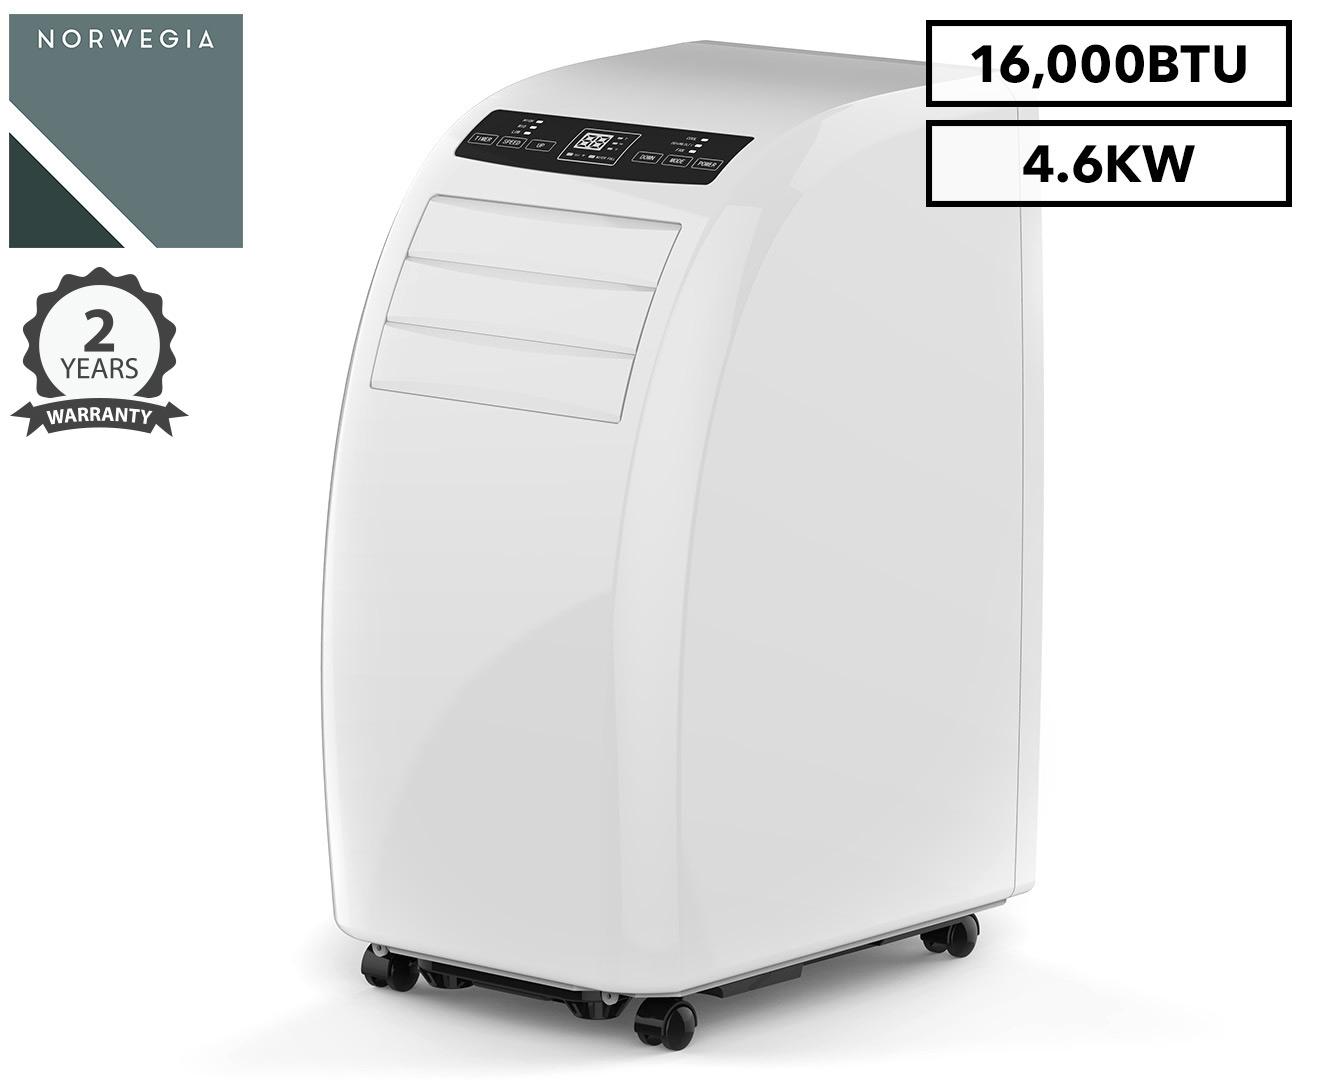 Superbe Norwegia 4.6kW Portable Air Conditioner (16,000BTU) | Catch.com.au